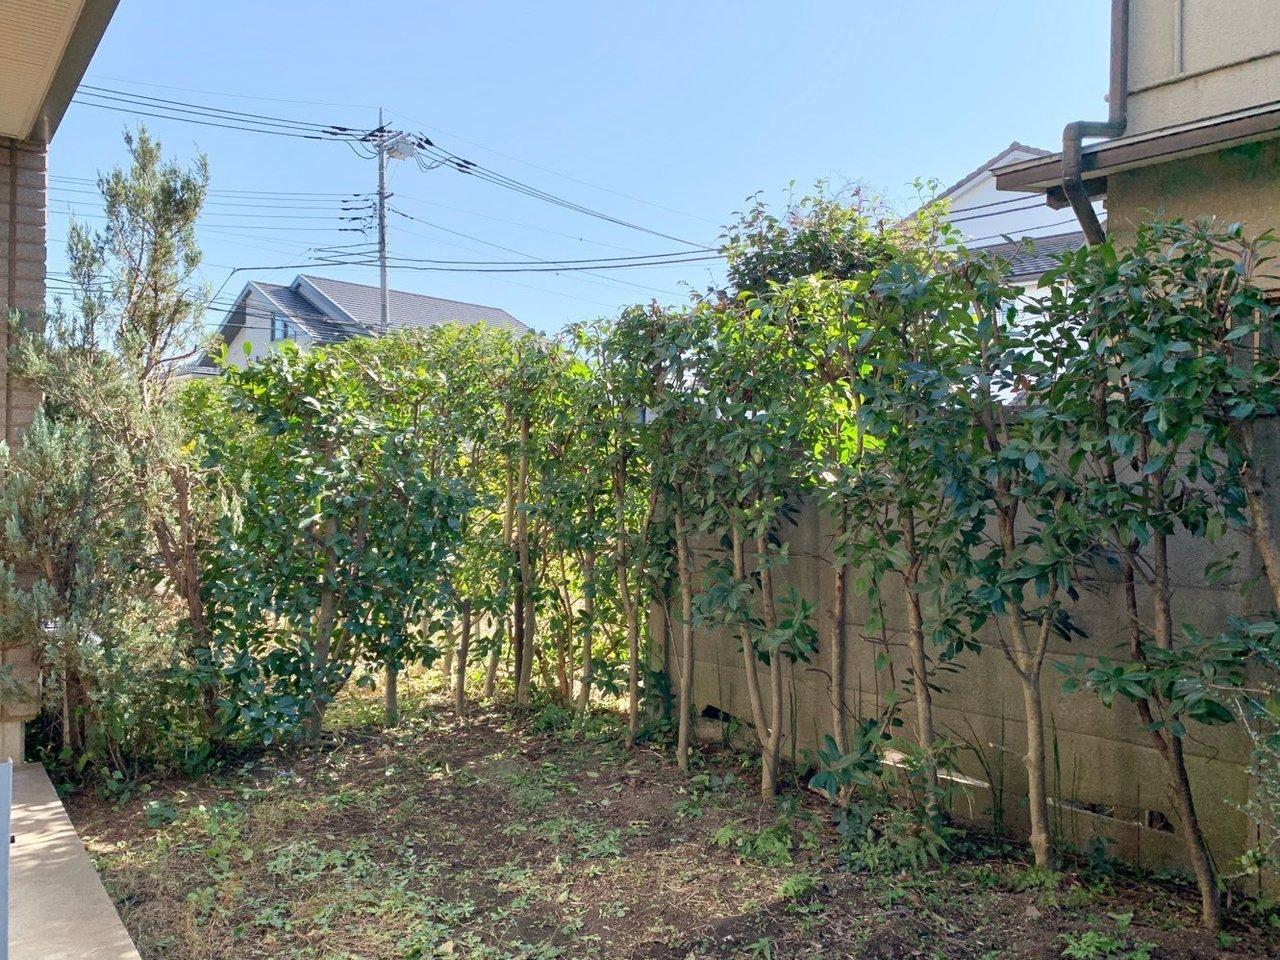 そしてなんといってもおすすめは、このお庭。生垣もしっかりあるので、人目を気にせずガーデニングを楽しむことができそうですよ。